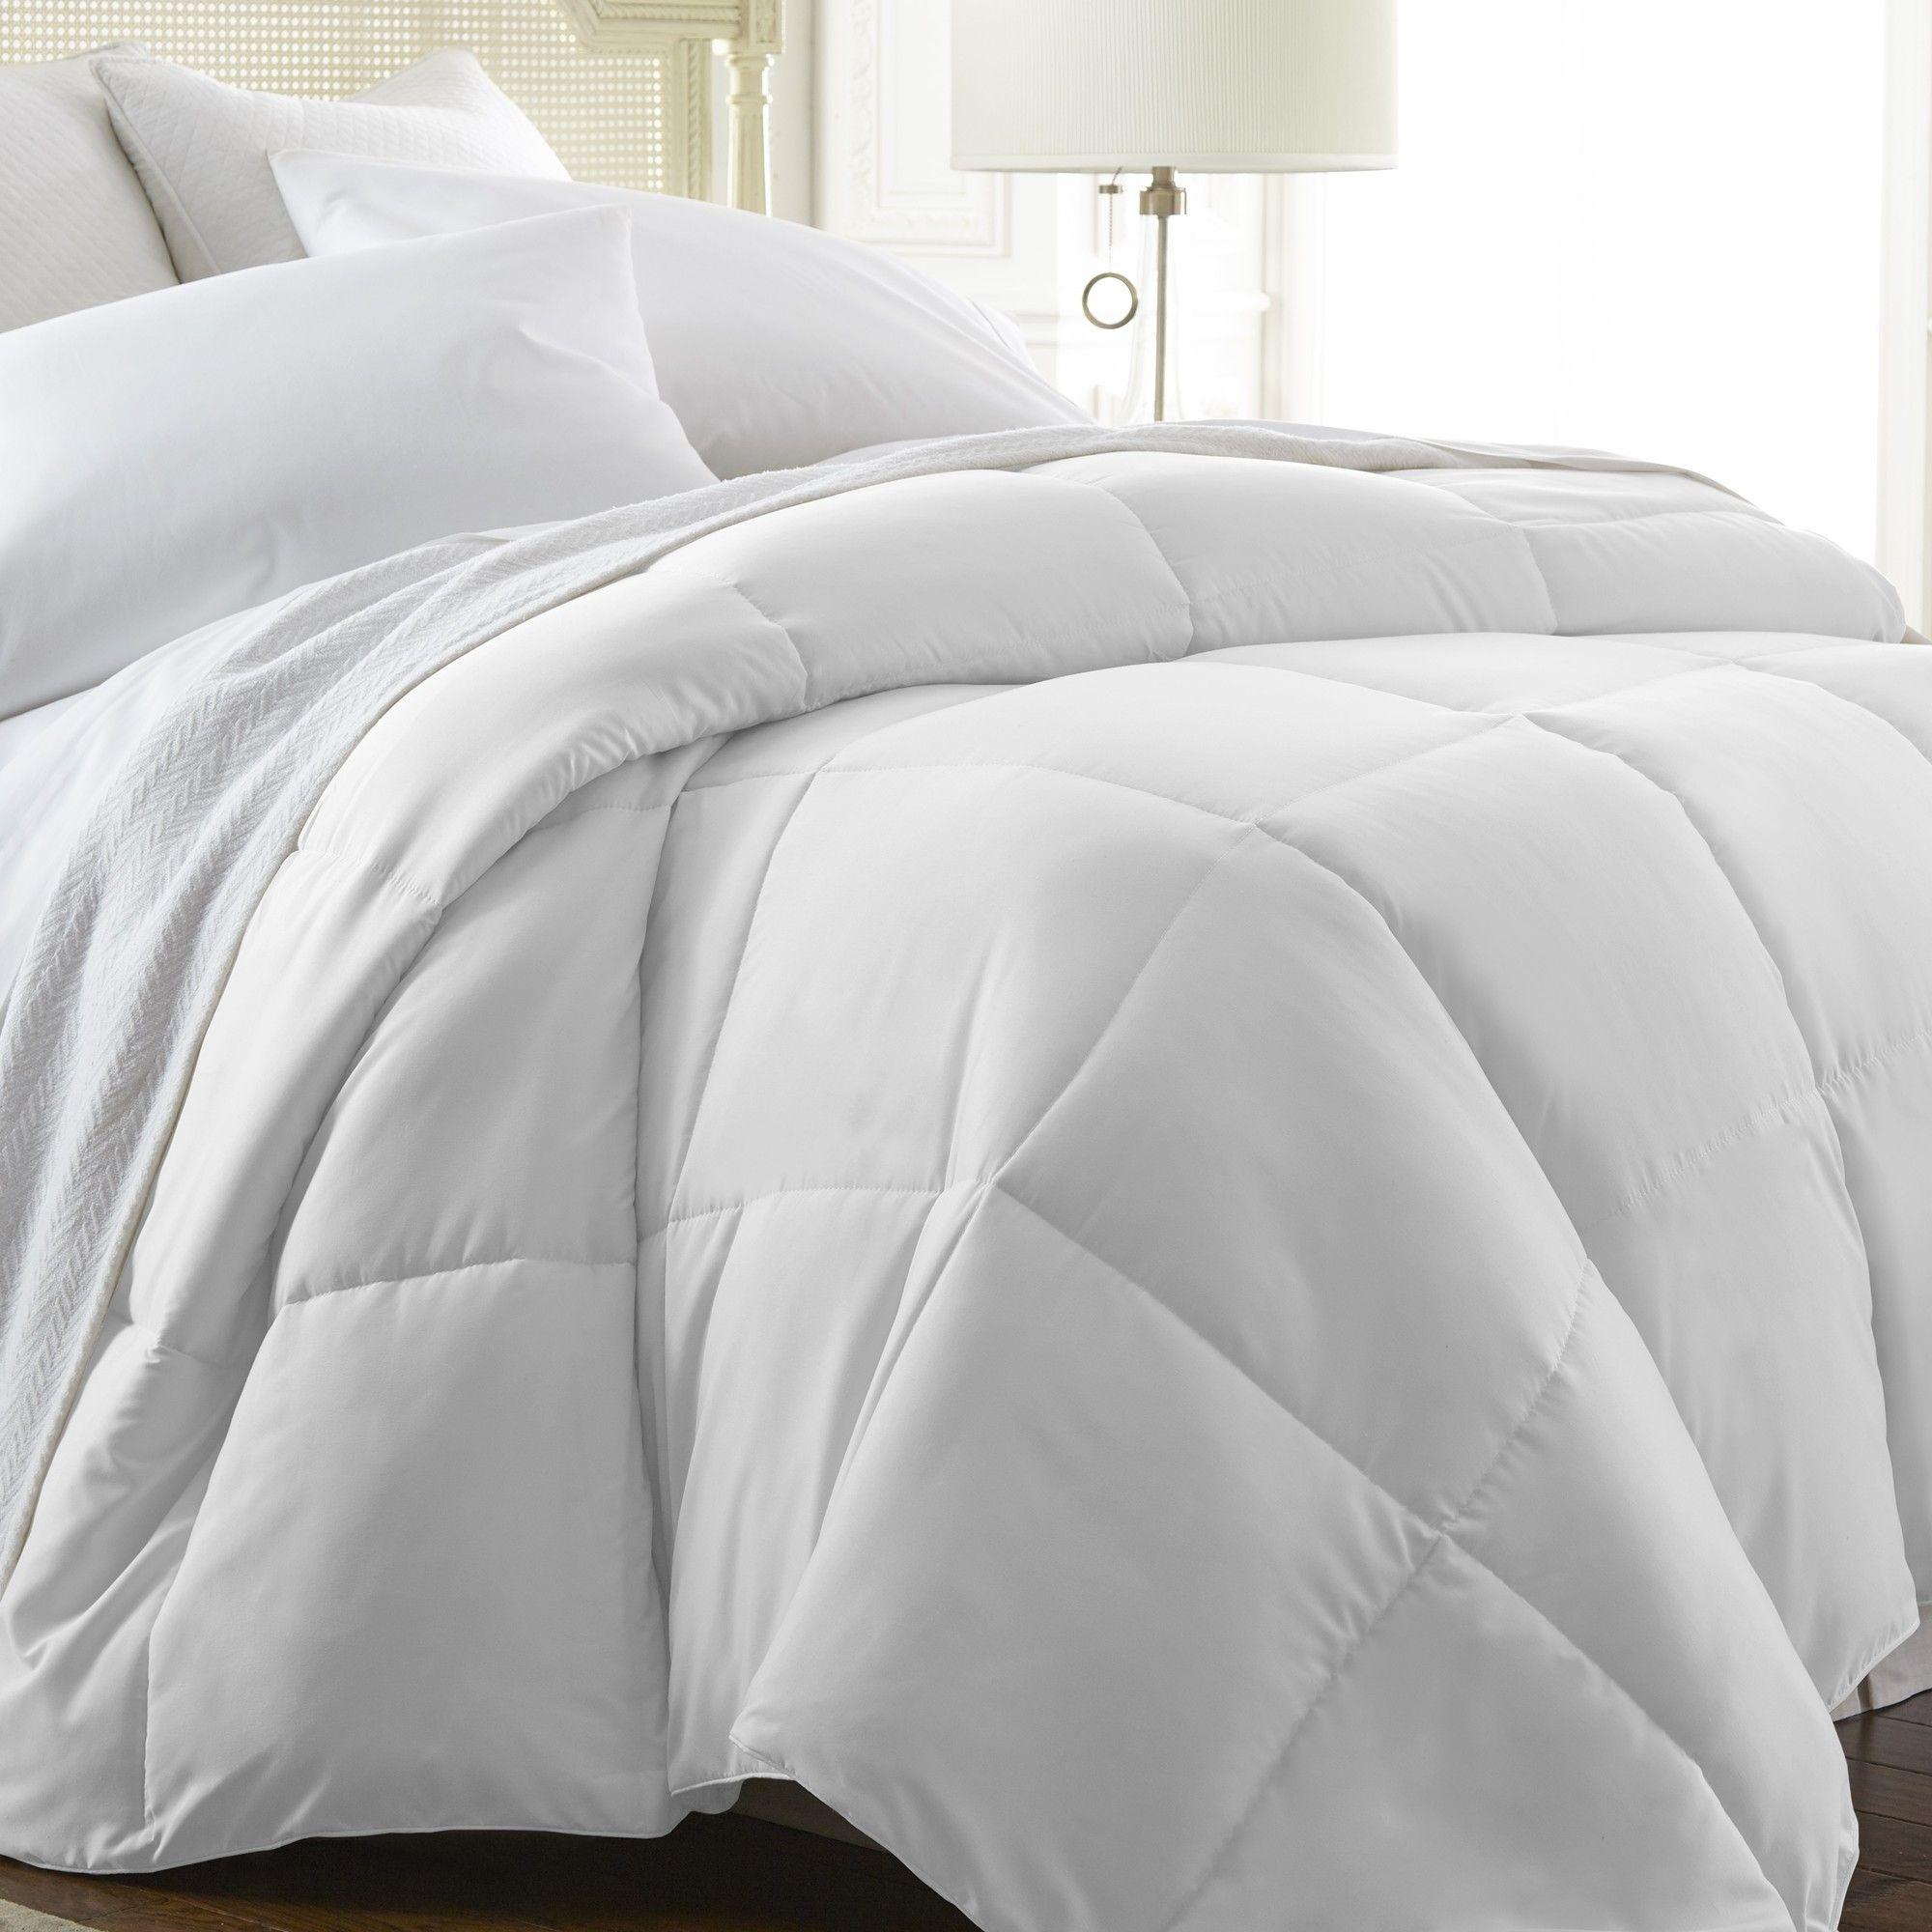 overseas reversible duvet amrapur down ebay season insert itm all comforter alternative